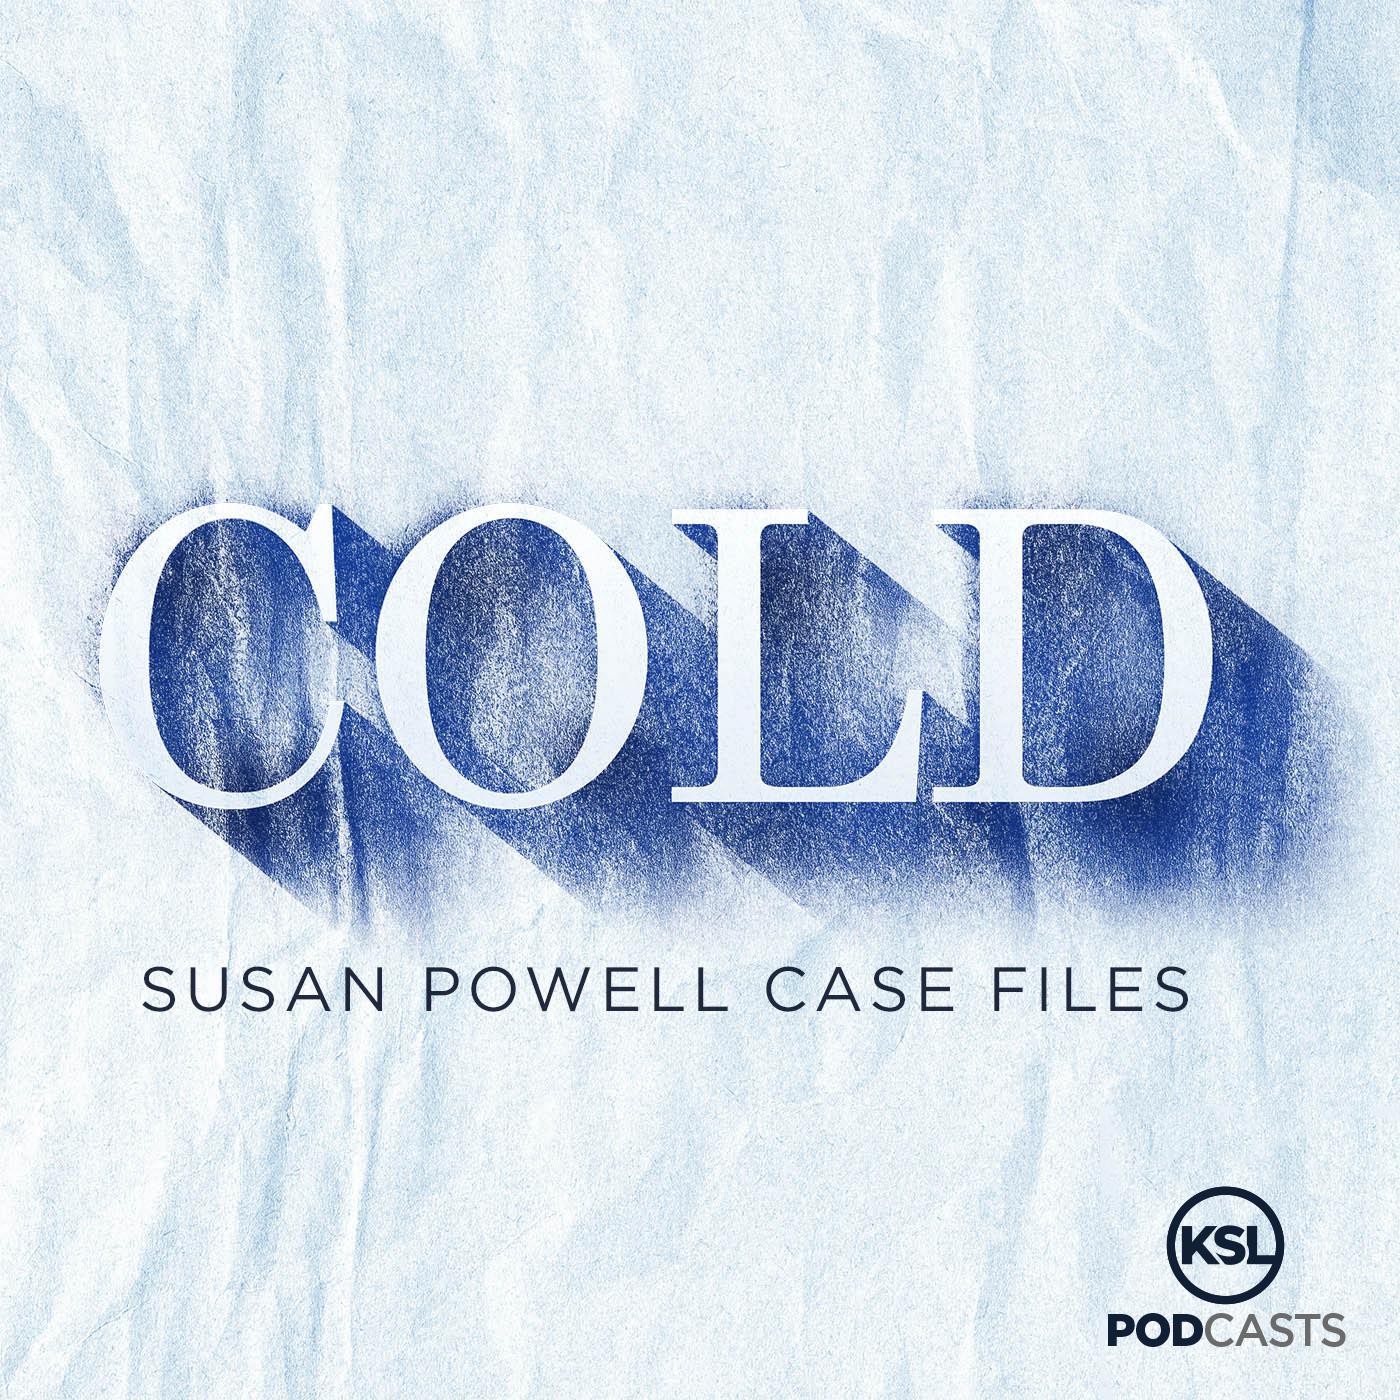 Cold (podcast) - KSL Podcasts | Amazon